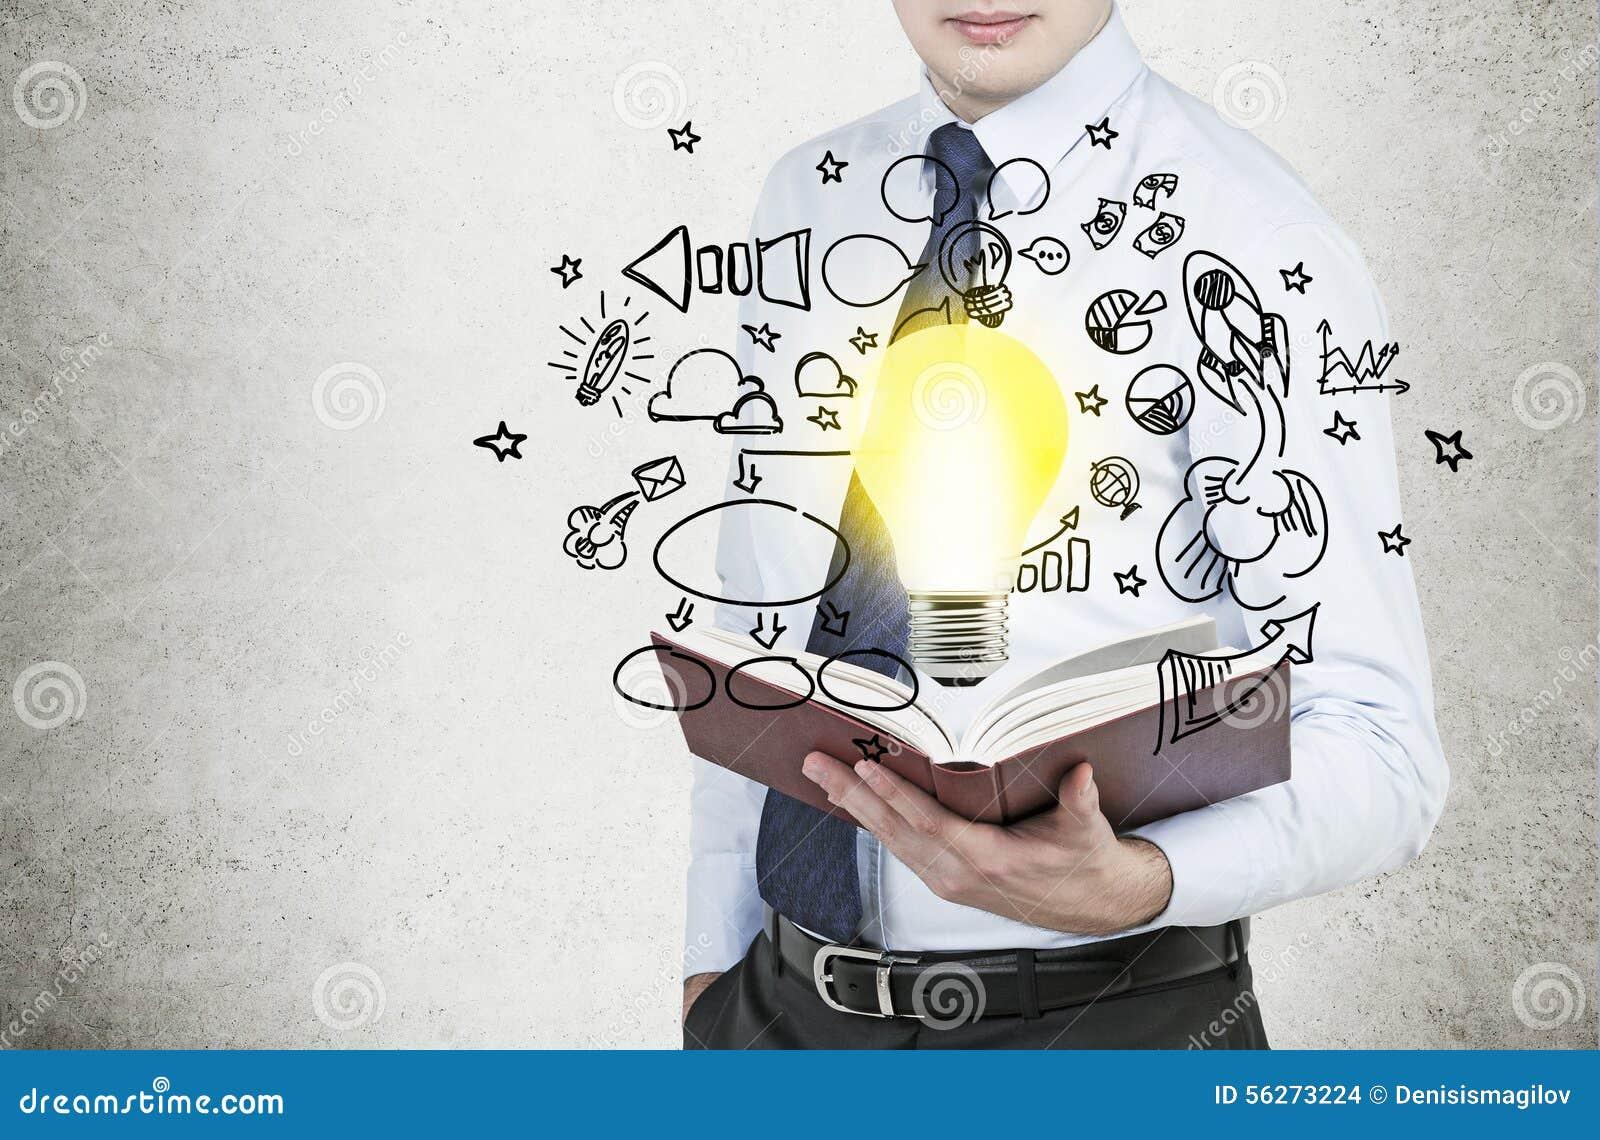 Affärsmannen rymmer en bok med flyg runt om affärssymboler och en ljus kula som ett begrepp av de nya affärsidéerna